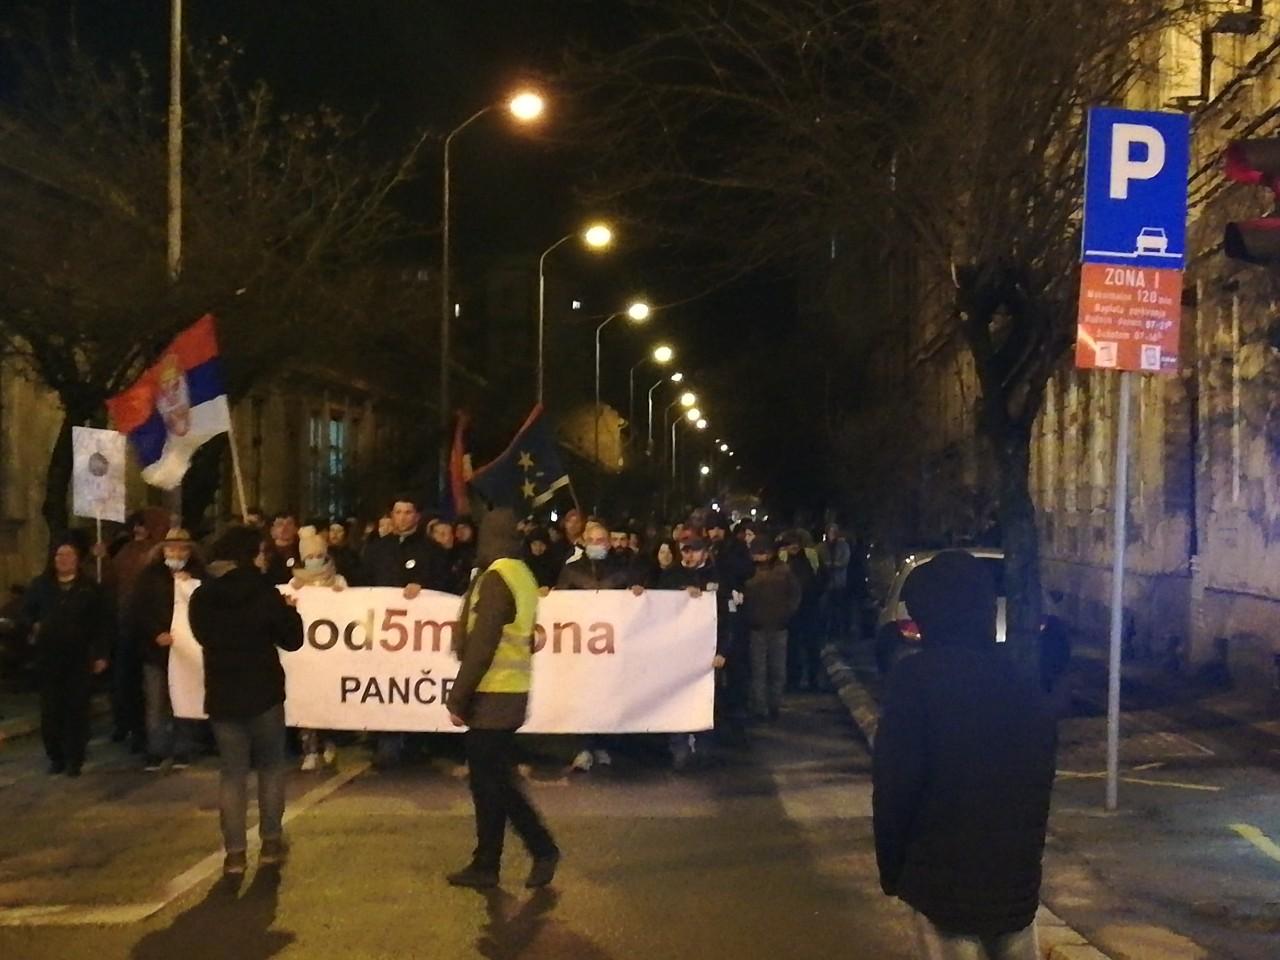 Protesti 1 od 5 miliona u više gradova (VIDEO, FOTO) 12